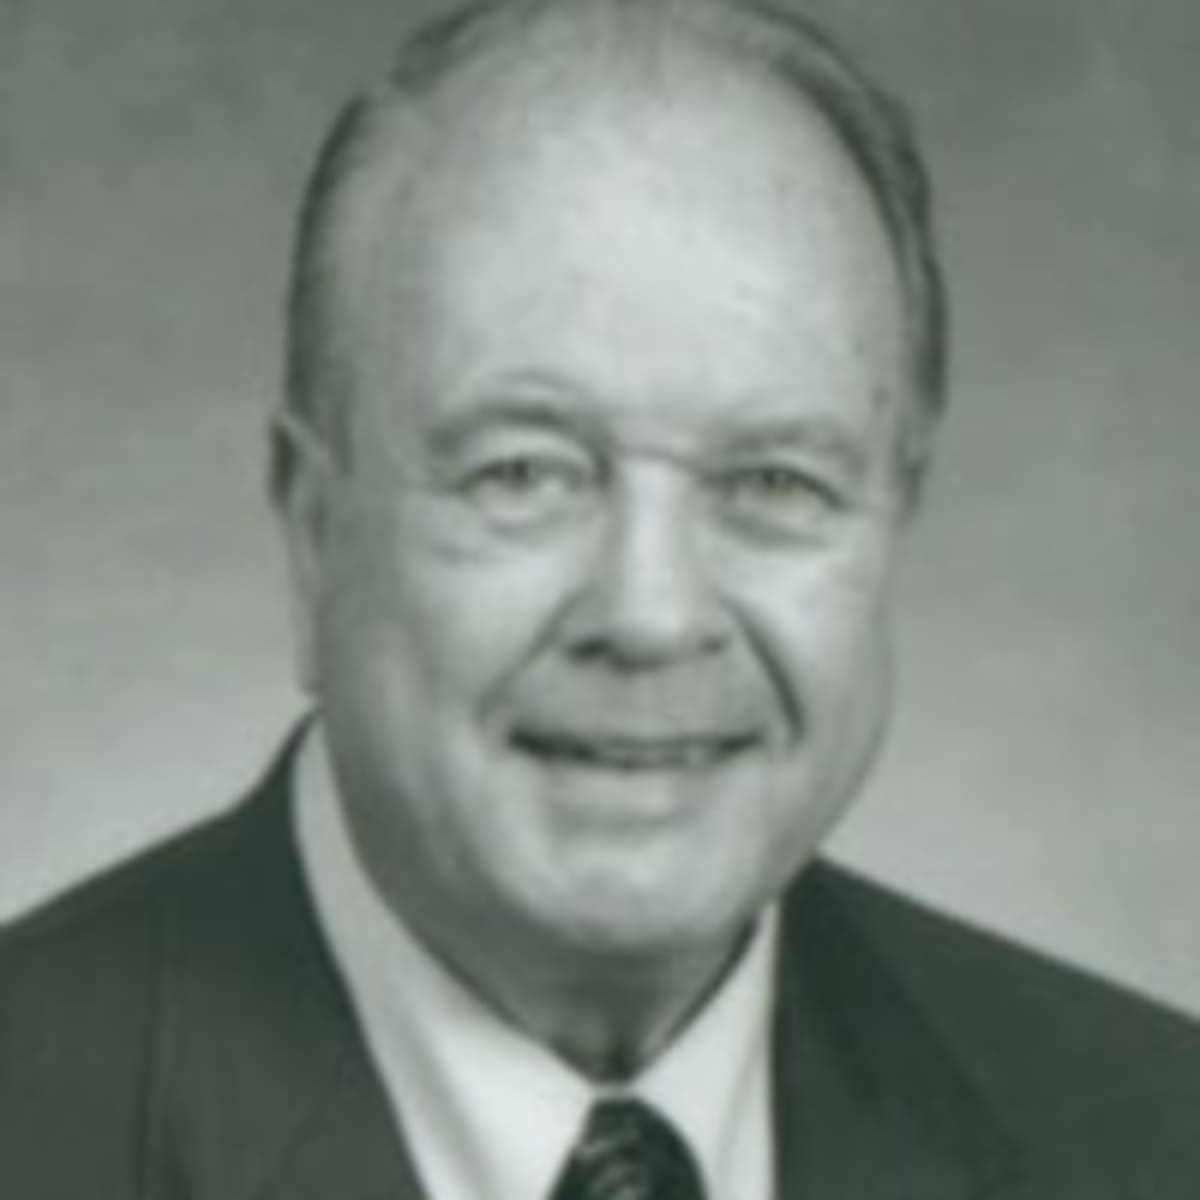 Dr Eller Espelkamp